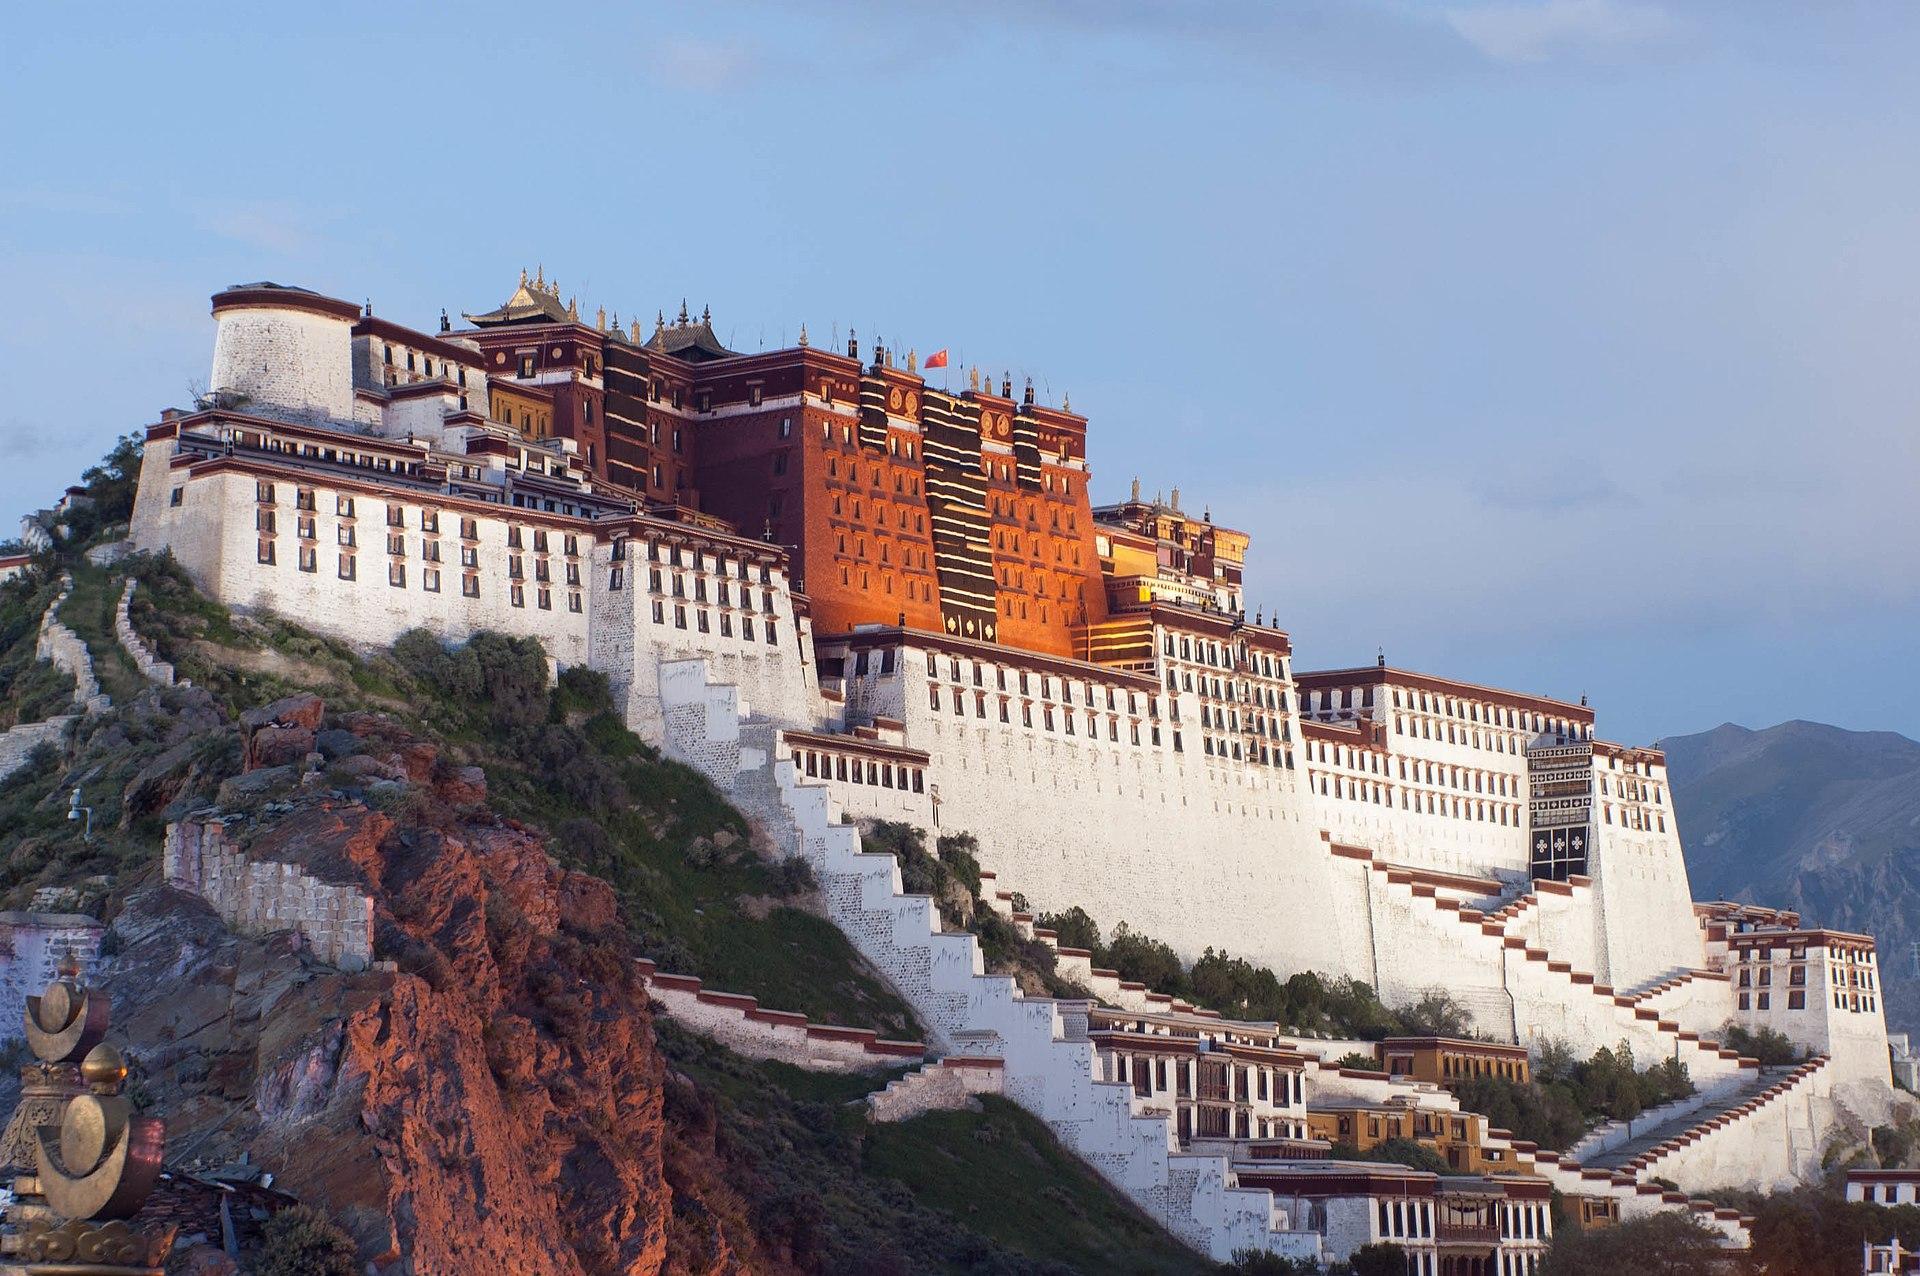 Tibet, Tibet is beautiful